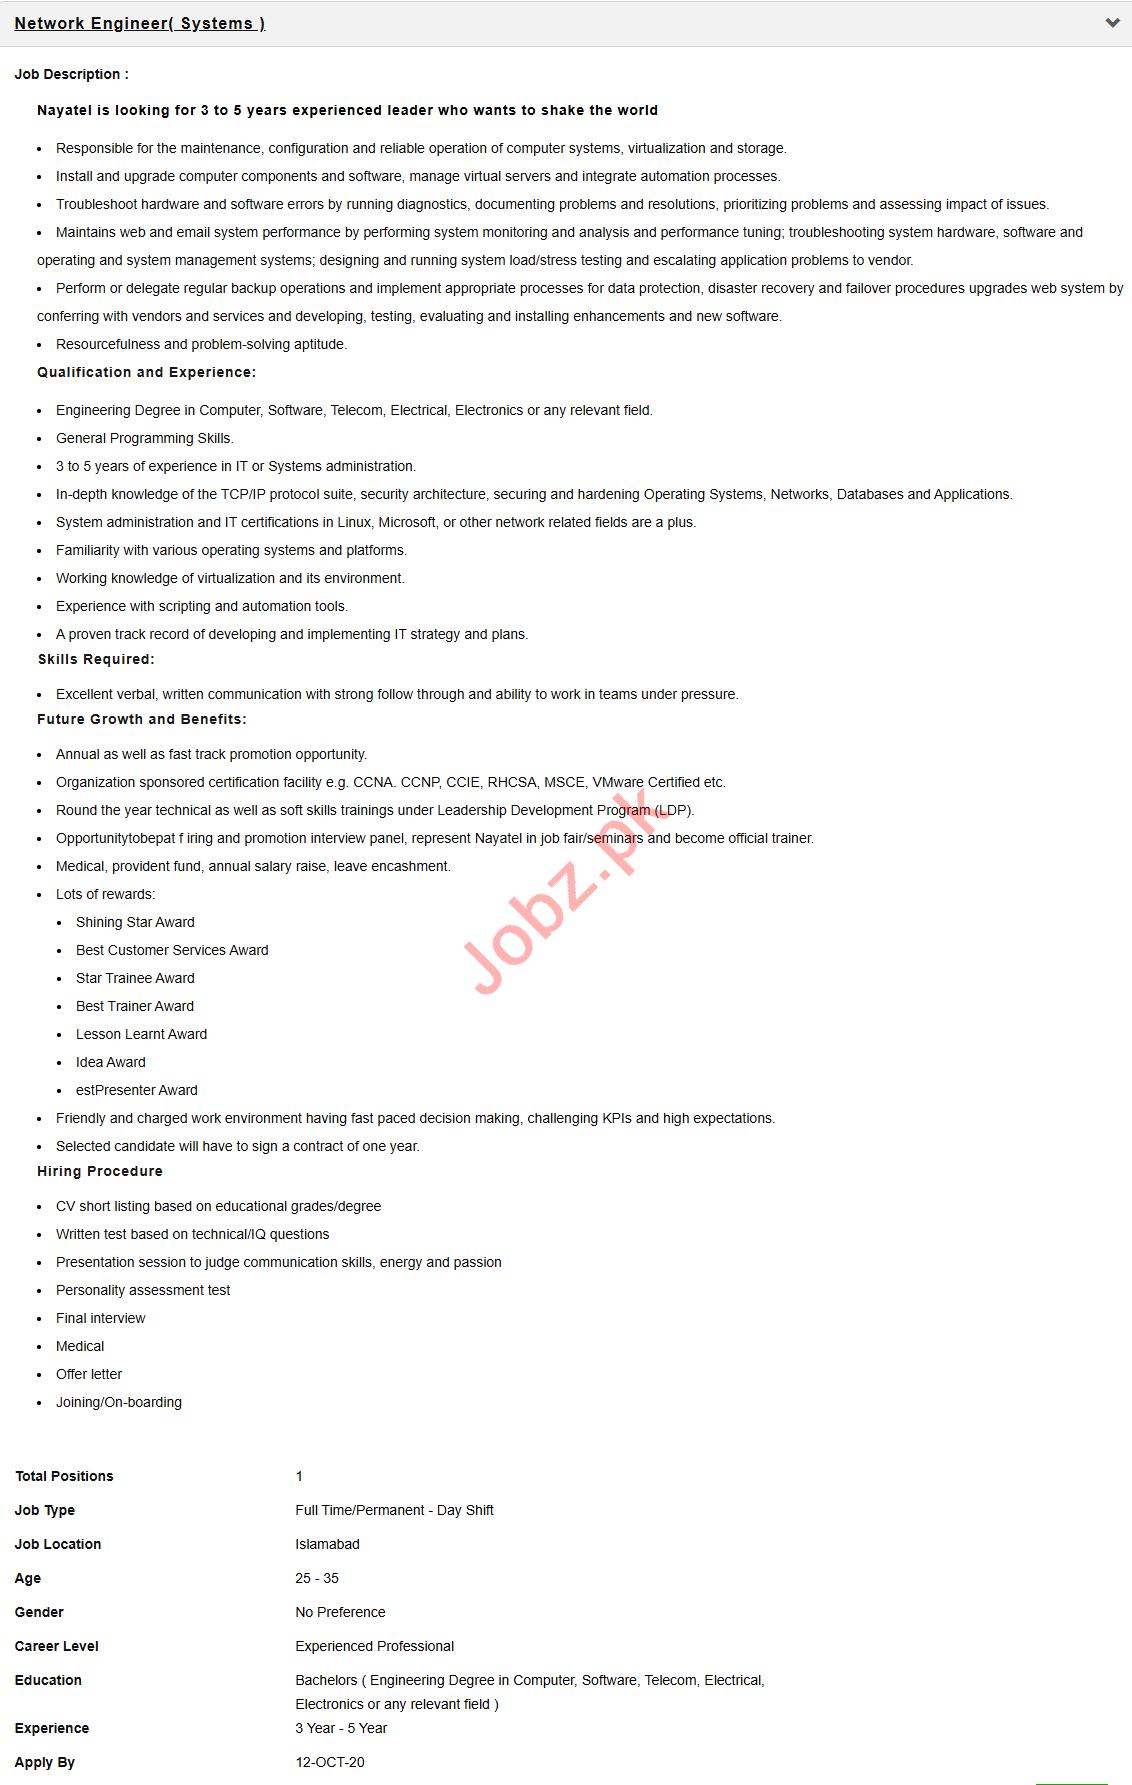 Nayatal Islamabad Jobs 2020 for Network Engineer